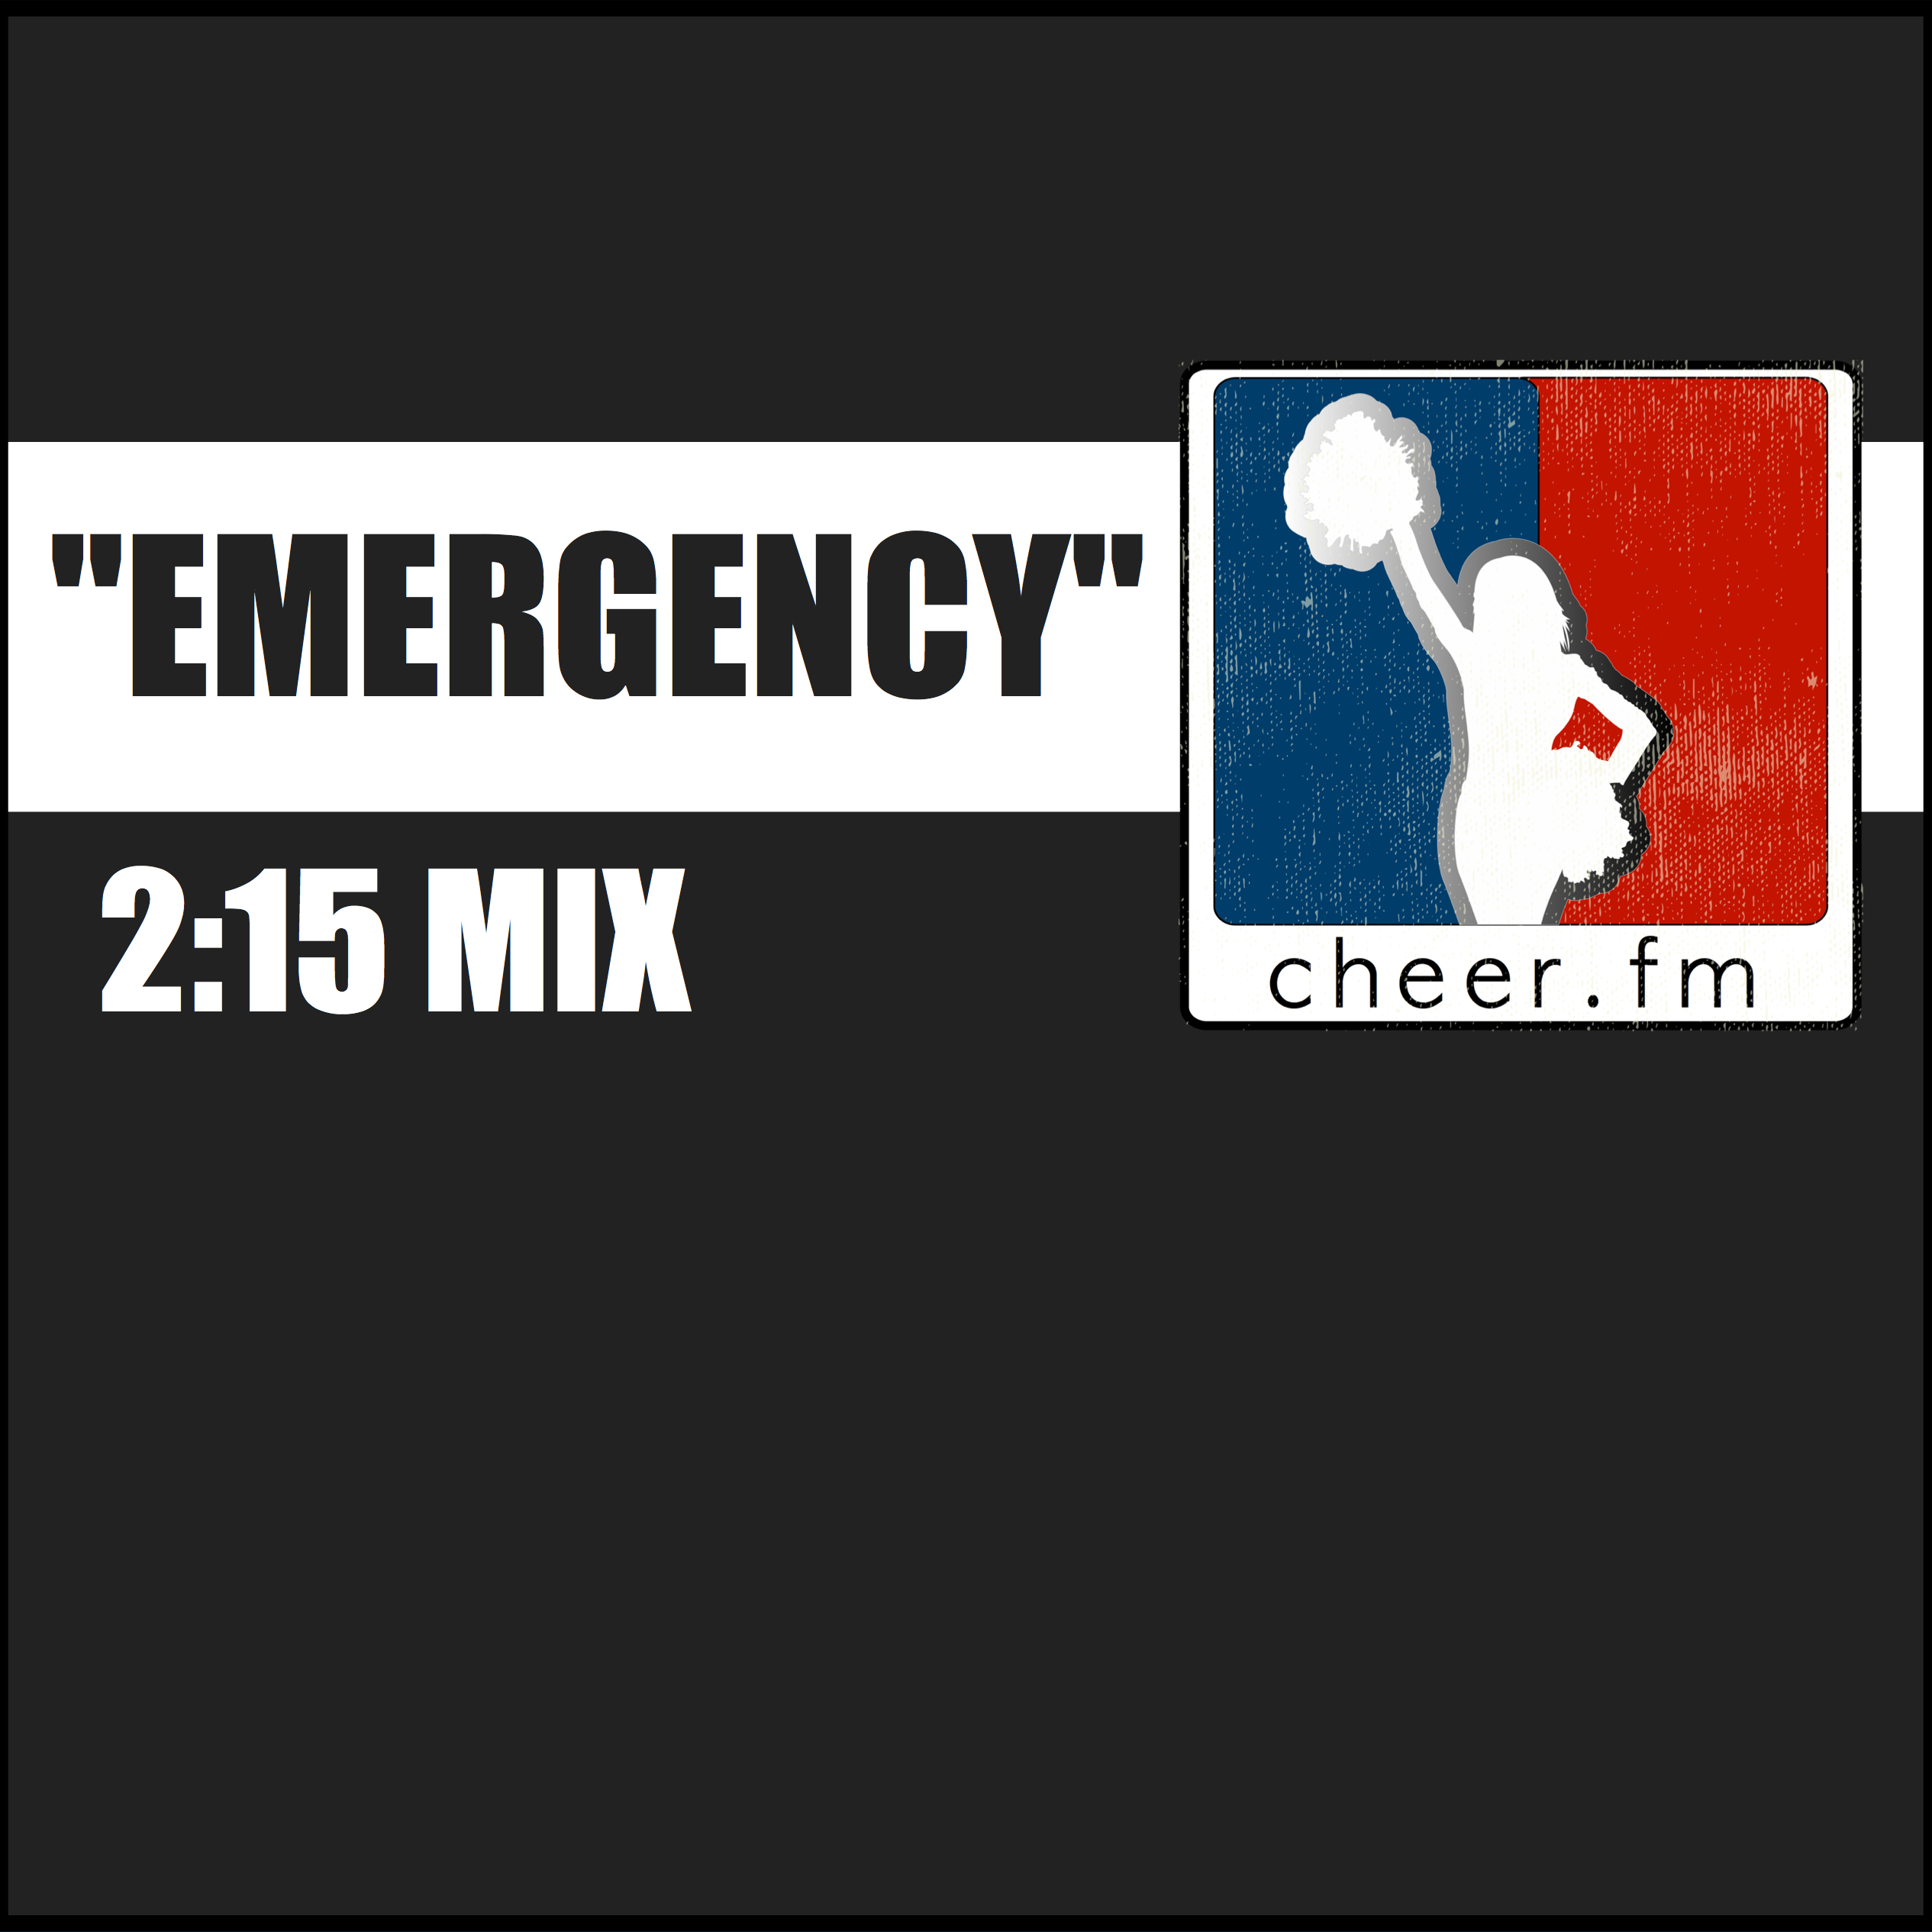 cheap_cheer_music